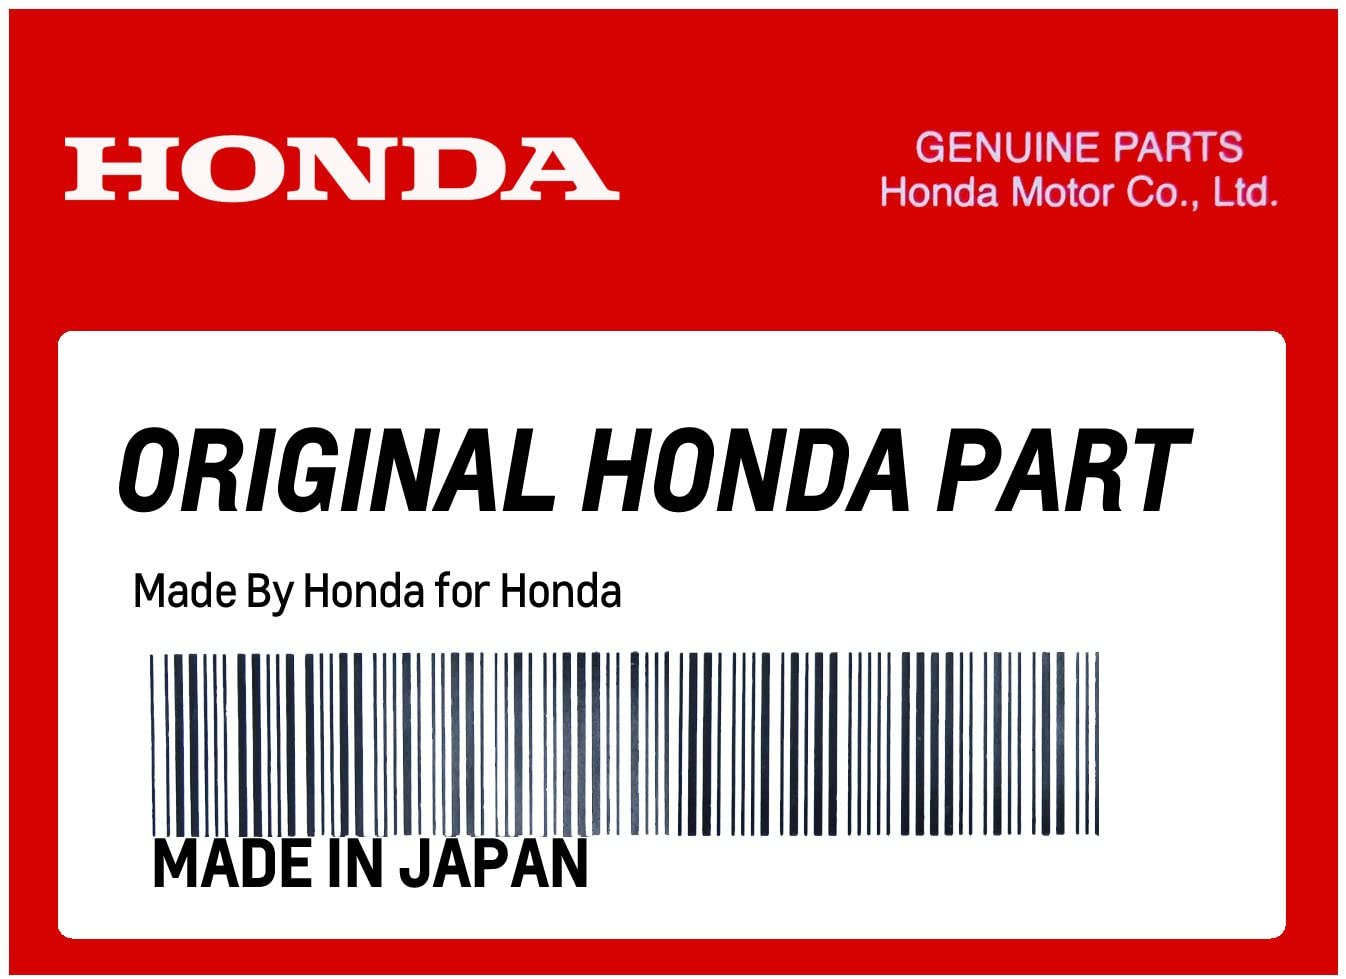 HONDA 52181-001-300 BUSH